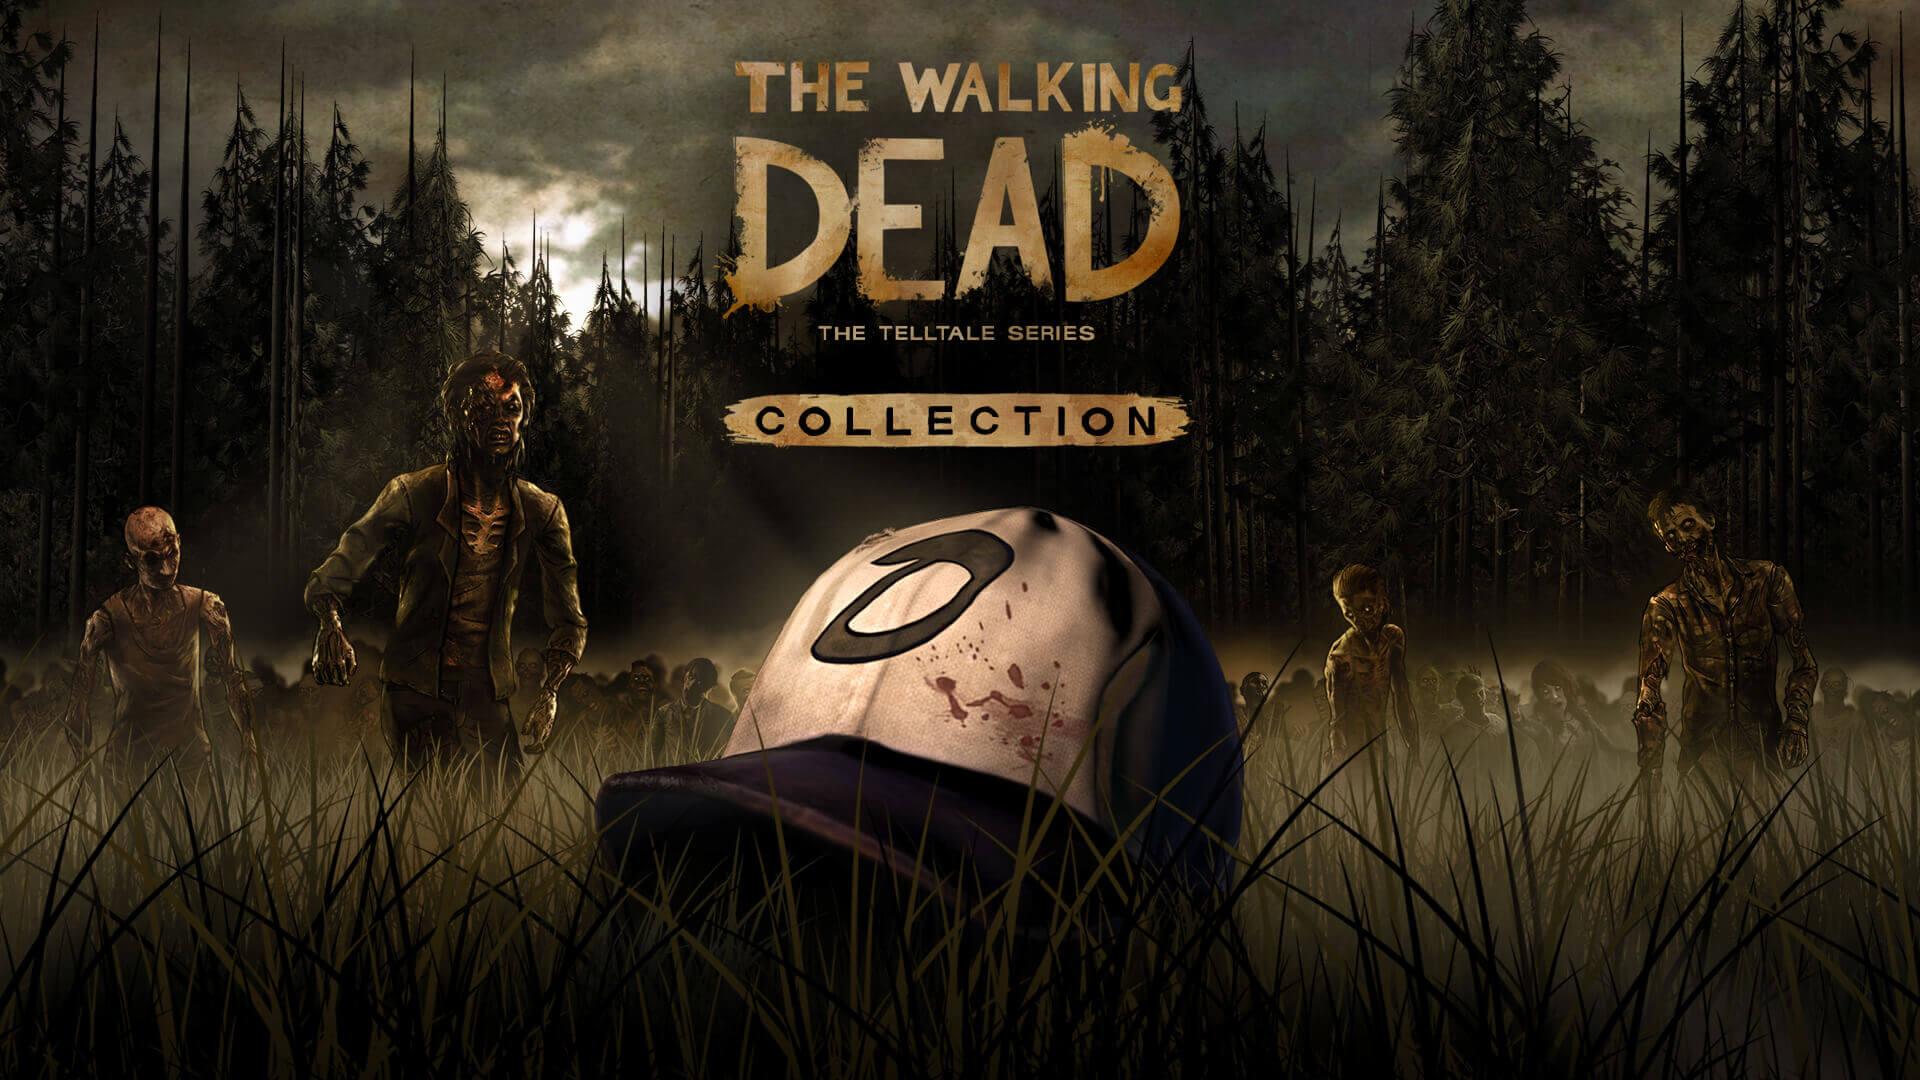 The Walking Dead (Video Game) | Walking Dead Wiki | Fandom